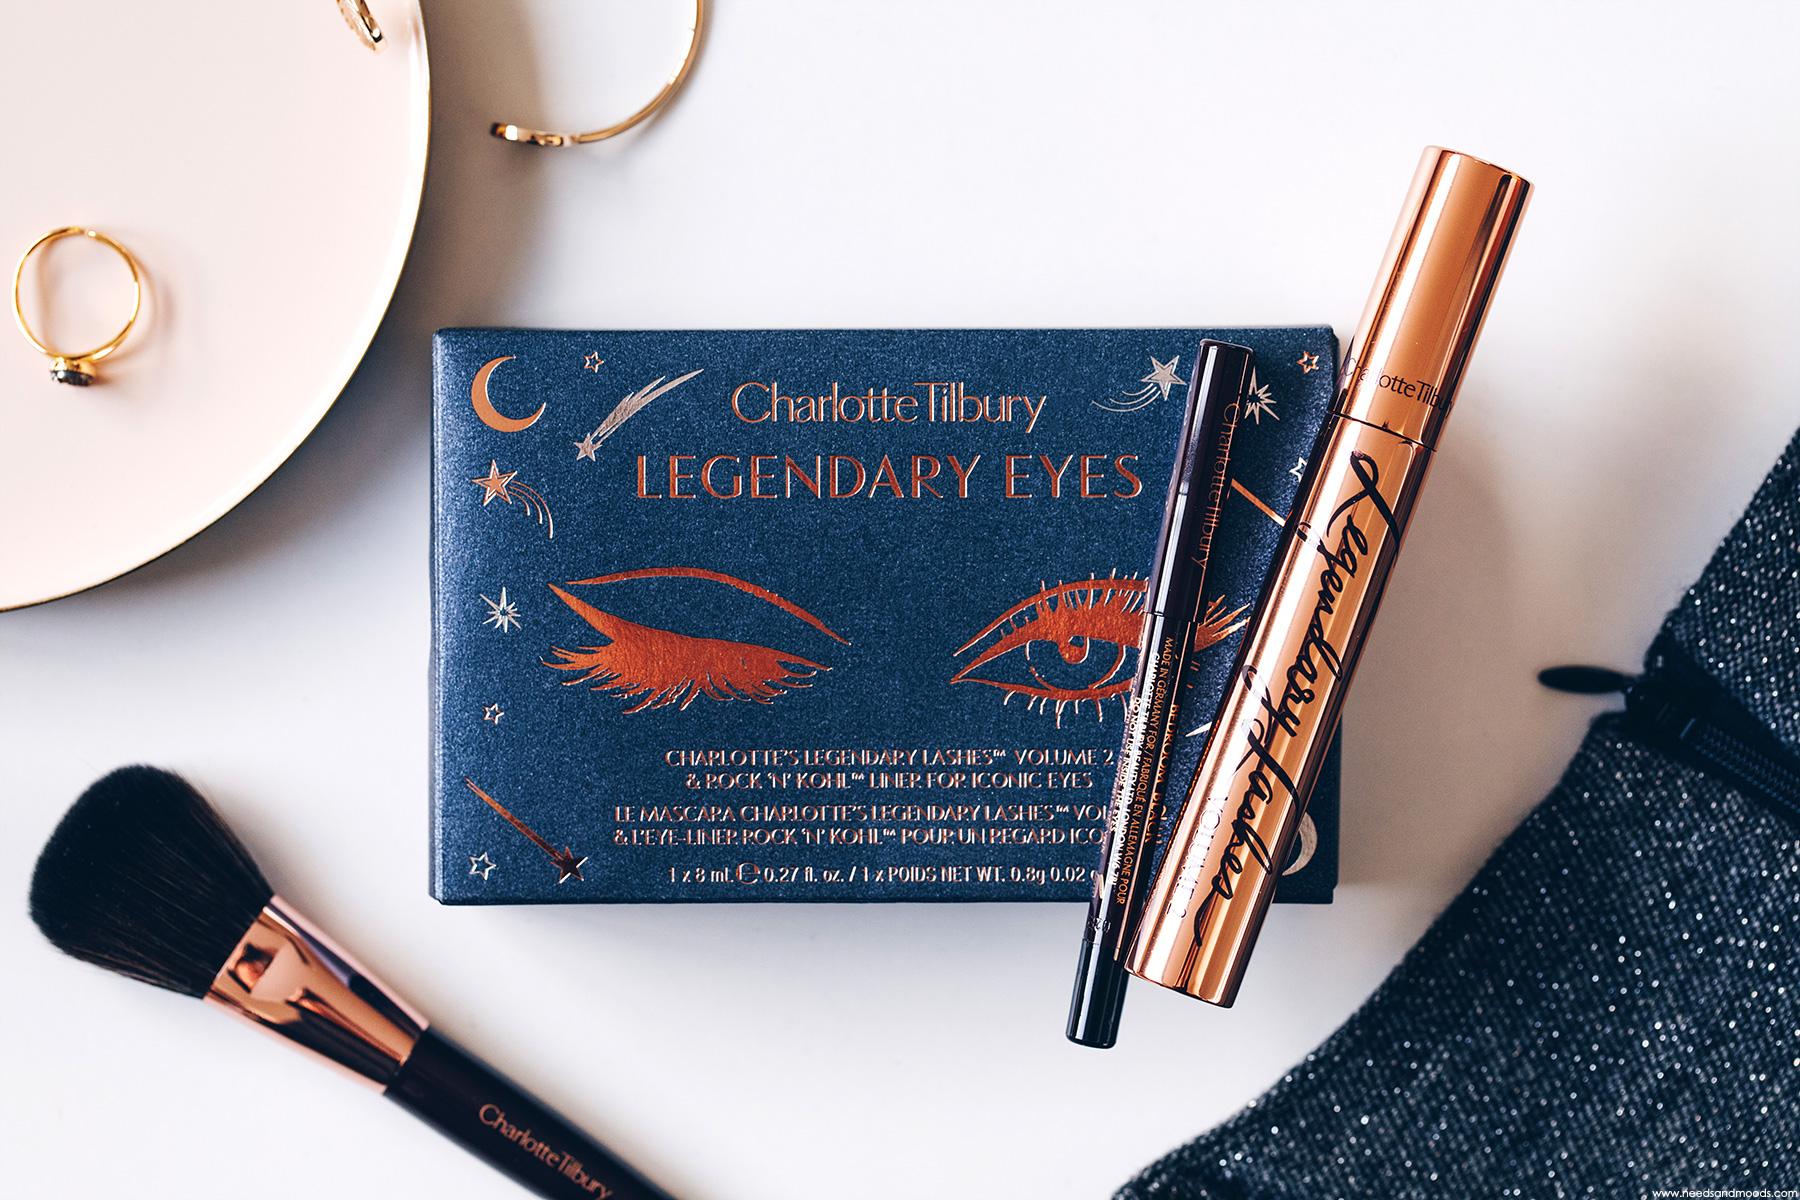 charlotte tilbury gift set legendary eyes